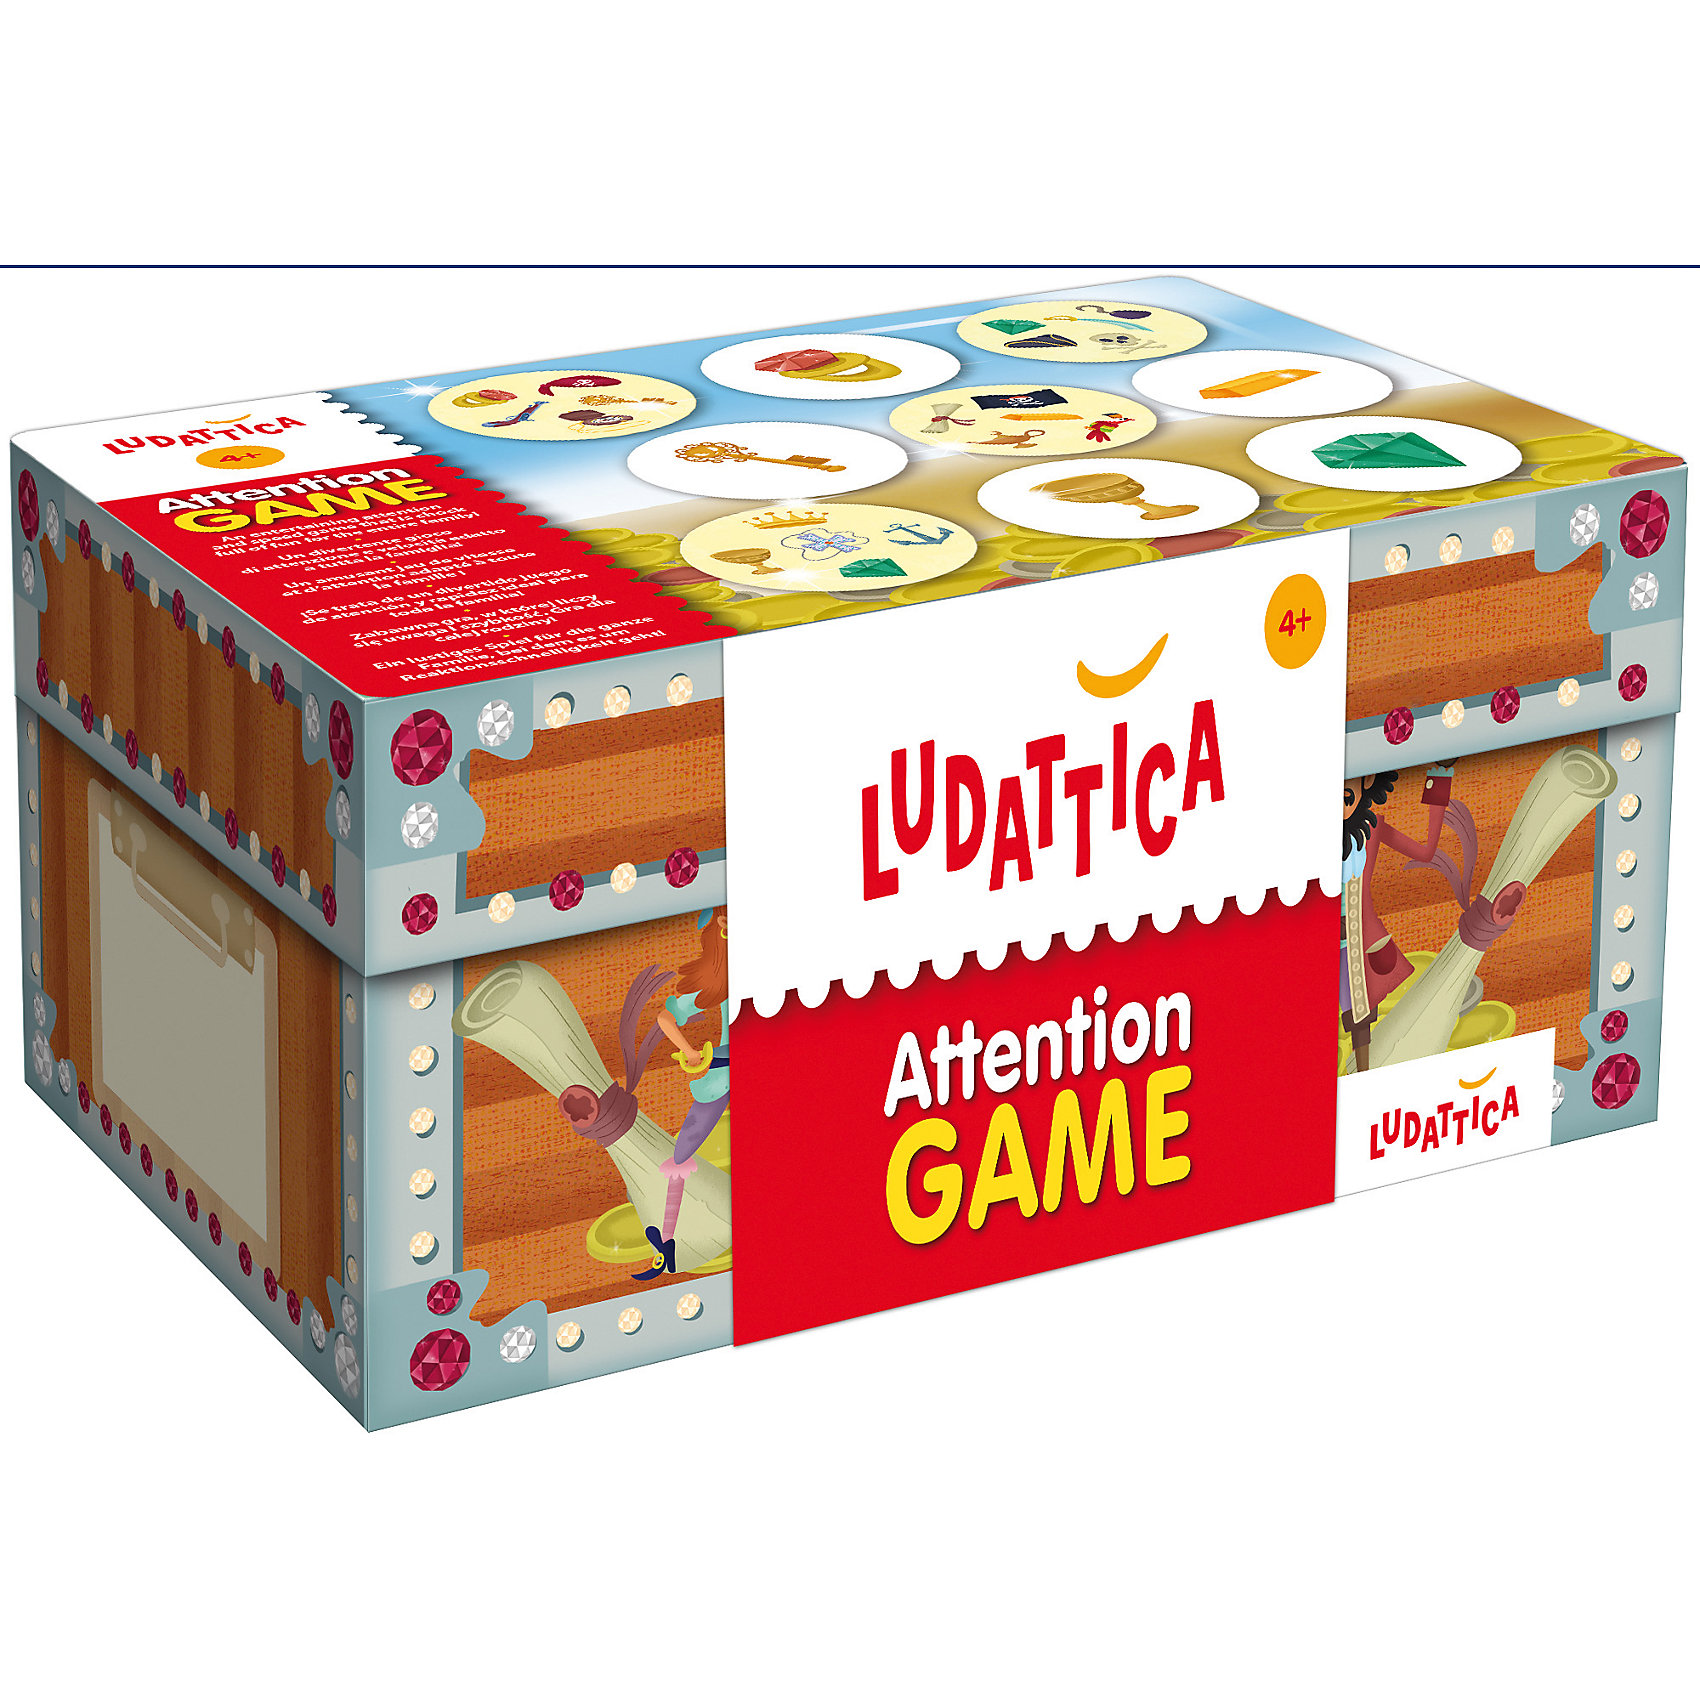 Игра настольная Сокровища пиратов, LudatticaИгры для развлечений<br>Игра настольная Сокровища пиратов, Ludattica<br><br>Характеристики:<br><br>• В набор входит: 6 карточек, форма со стрелой, 90 букв, инструкция<br>• Размер упаковки: 21х10,5х14 см.<br>• Состав: картон, бумага<br>• Количество игроков: от 2 до 6<br>• Вес: 900 г.<br>• Для детей в возрасте: от 4 лет<br>• Страна производитель: Италия<br><br>Эта игра на ловкость представлена в интересной коробке в виде сундука сокровищ. Главная цель игры набрать как можно больше сокровищ до того, как выпадет бомба. Вместе с этой увлекательной и простой игрой дети смогут отлично провести время на празднике, в дороге или в гостях.<br><br>Игру настольную Сокровища пиратов, Ludattica можно купить в нашем интернет-магазине.<br><br>Ширина мм: 205<br>Глубина мм: 135<br>Высота мм: 100<br>Вес г: 2205<br>Возраст от месяцев: 36<br>Возраст до месяцев: 2147483647<br>Пол: Унисекс<br>Возраст: Детский<br>SKU: 5522900